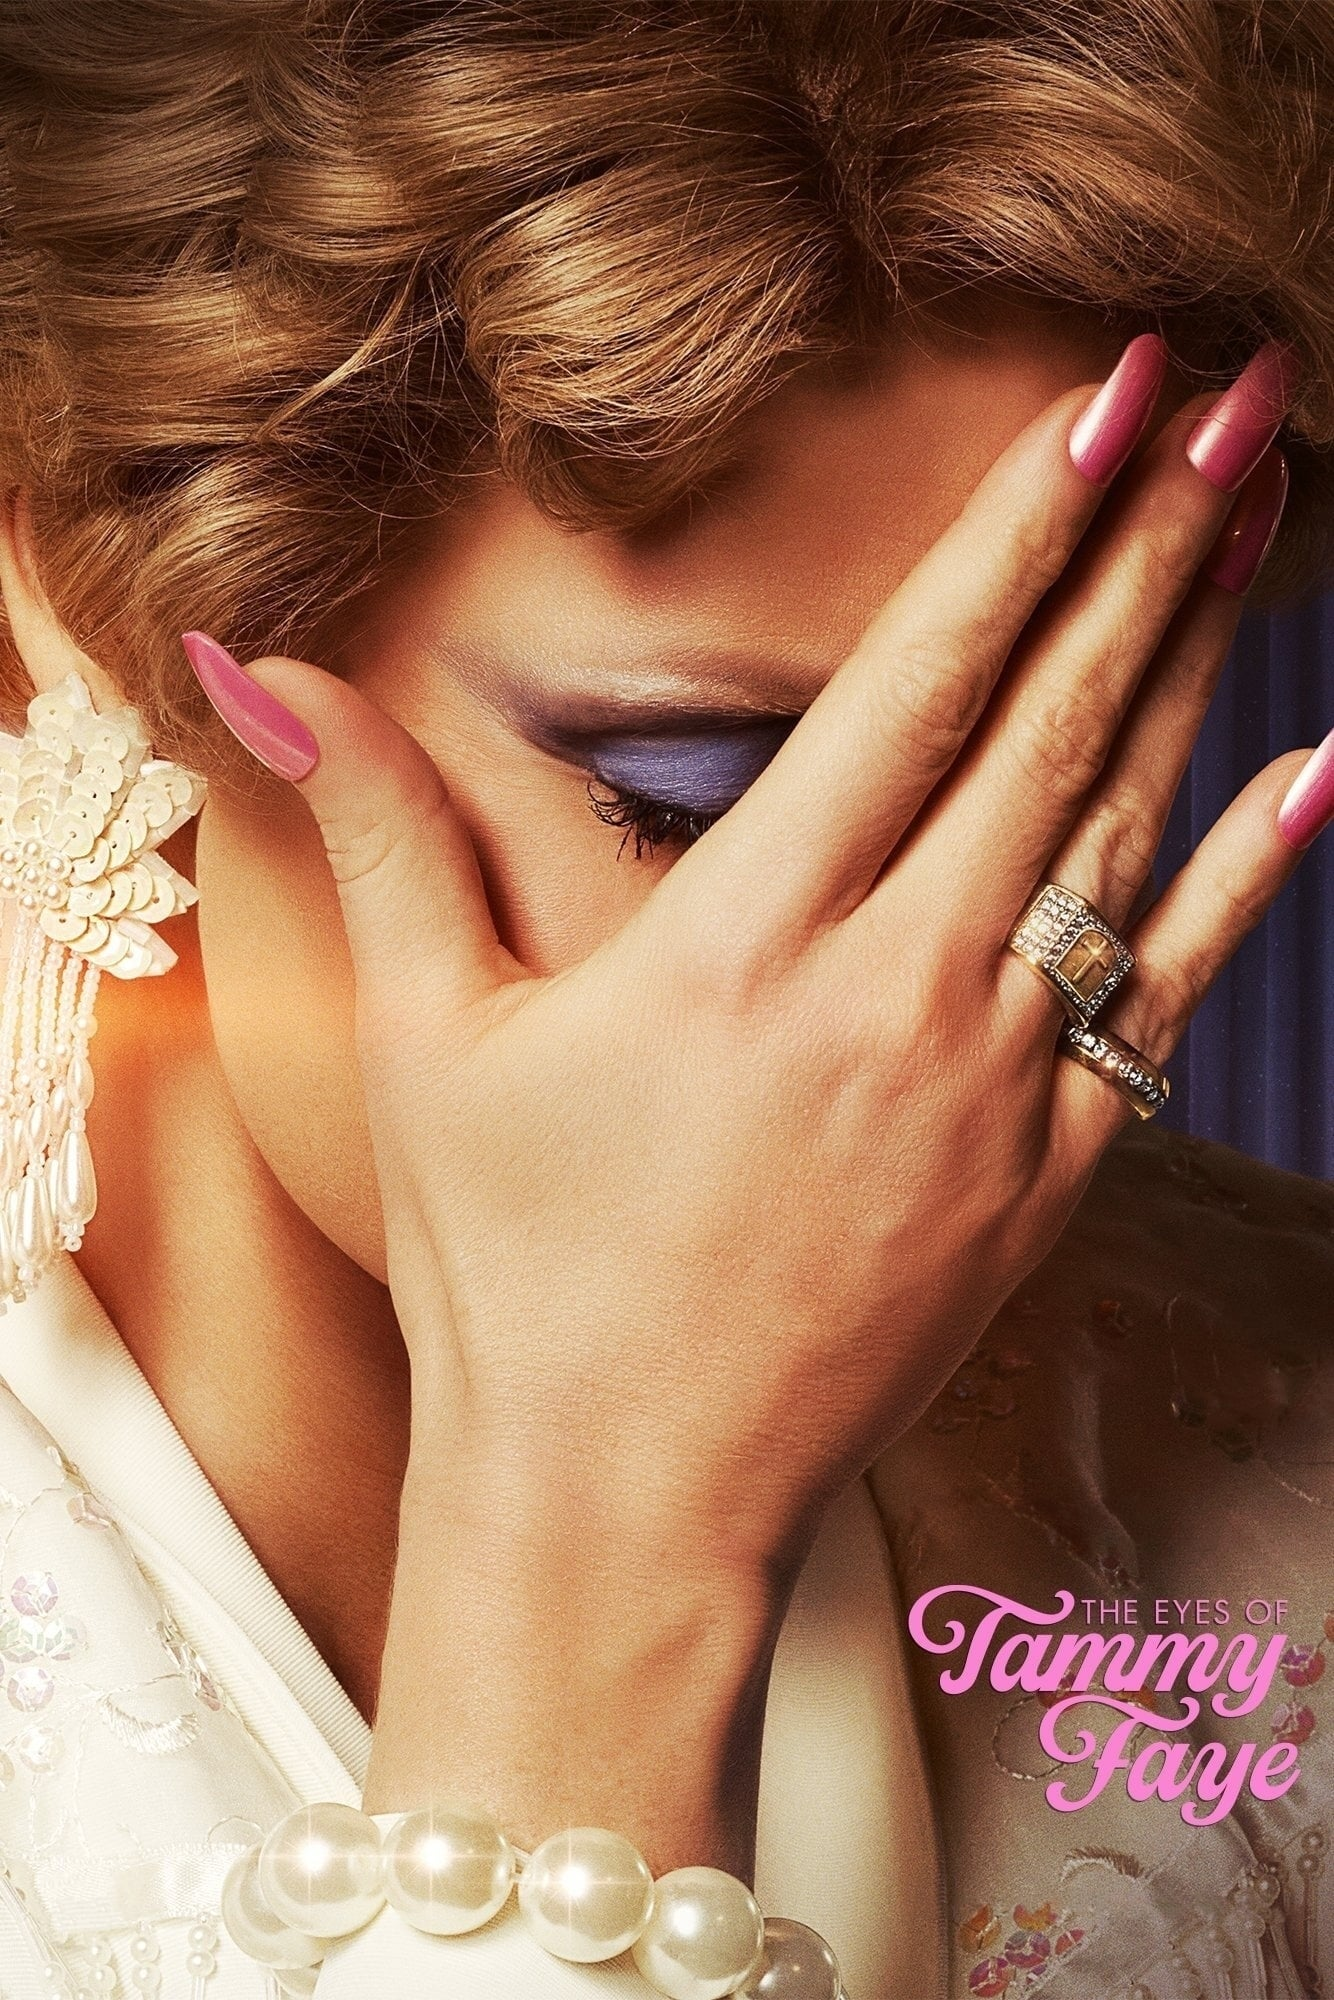 塔米·菲的眼睛 The Eyes of Tammy Faye (2021)